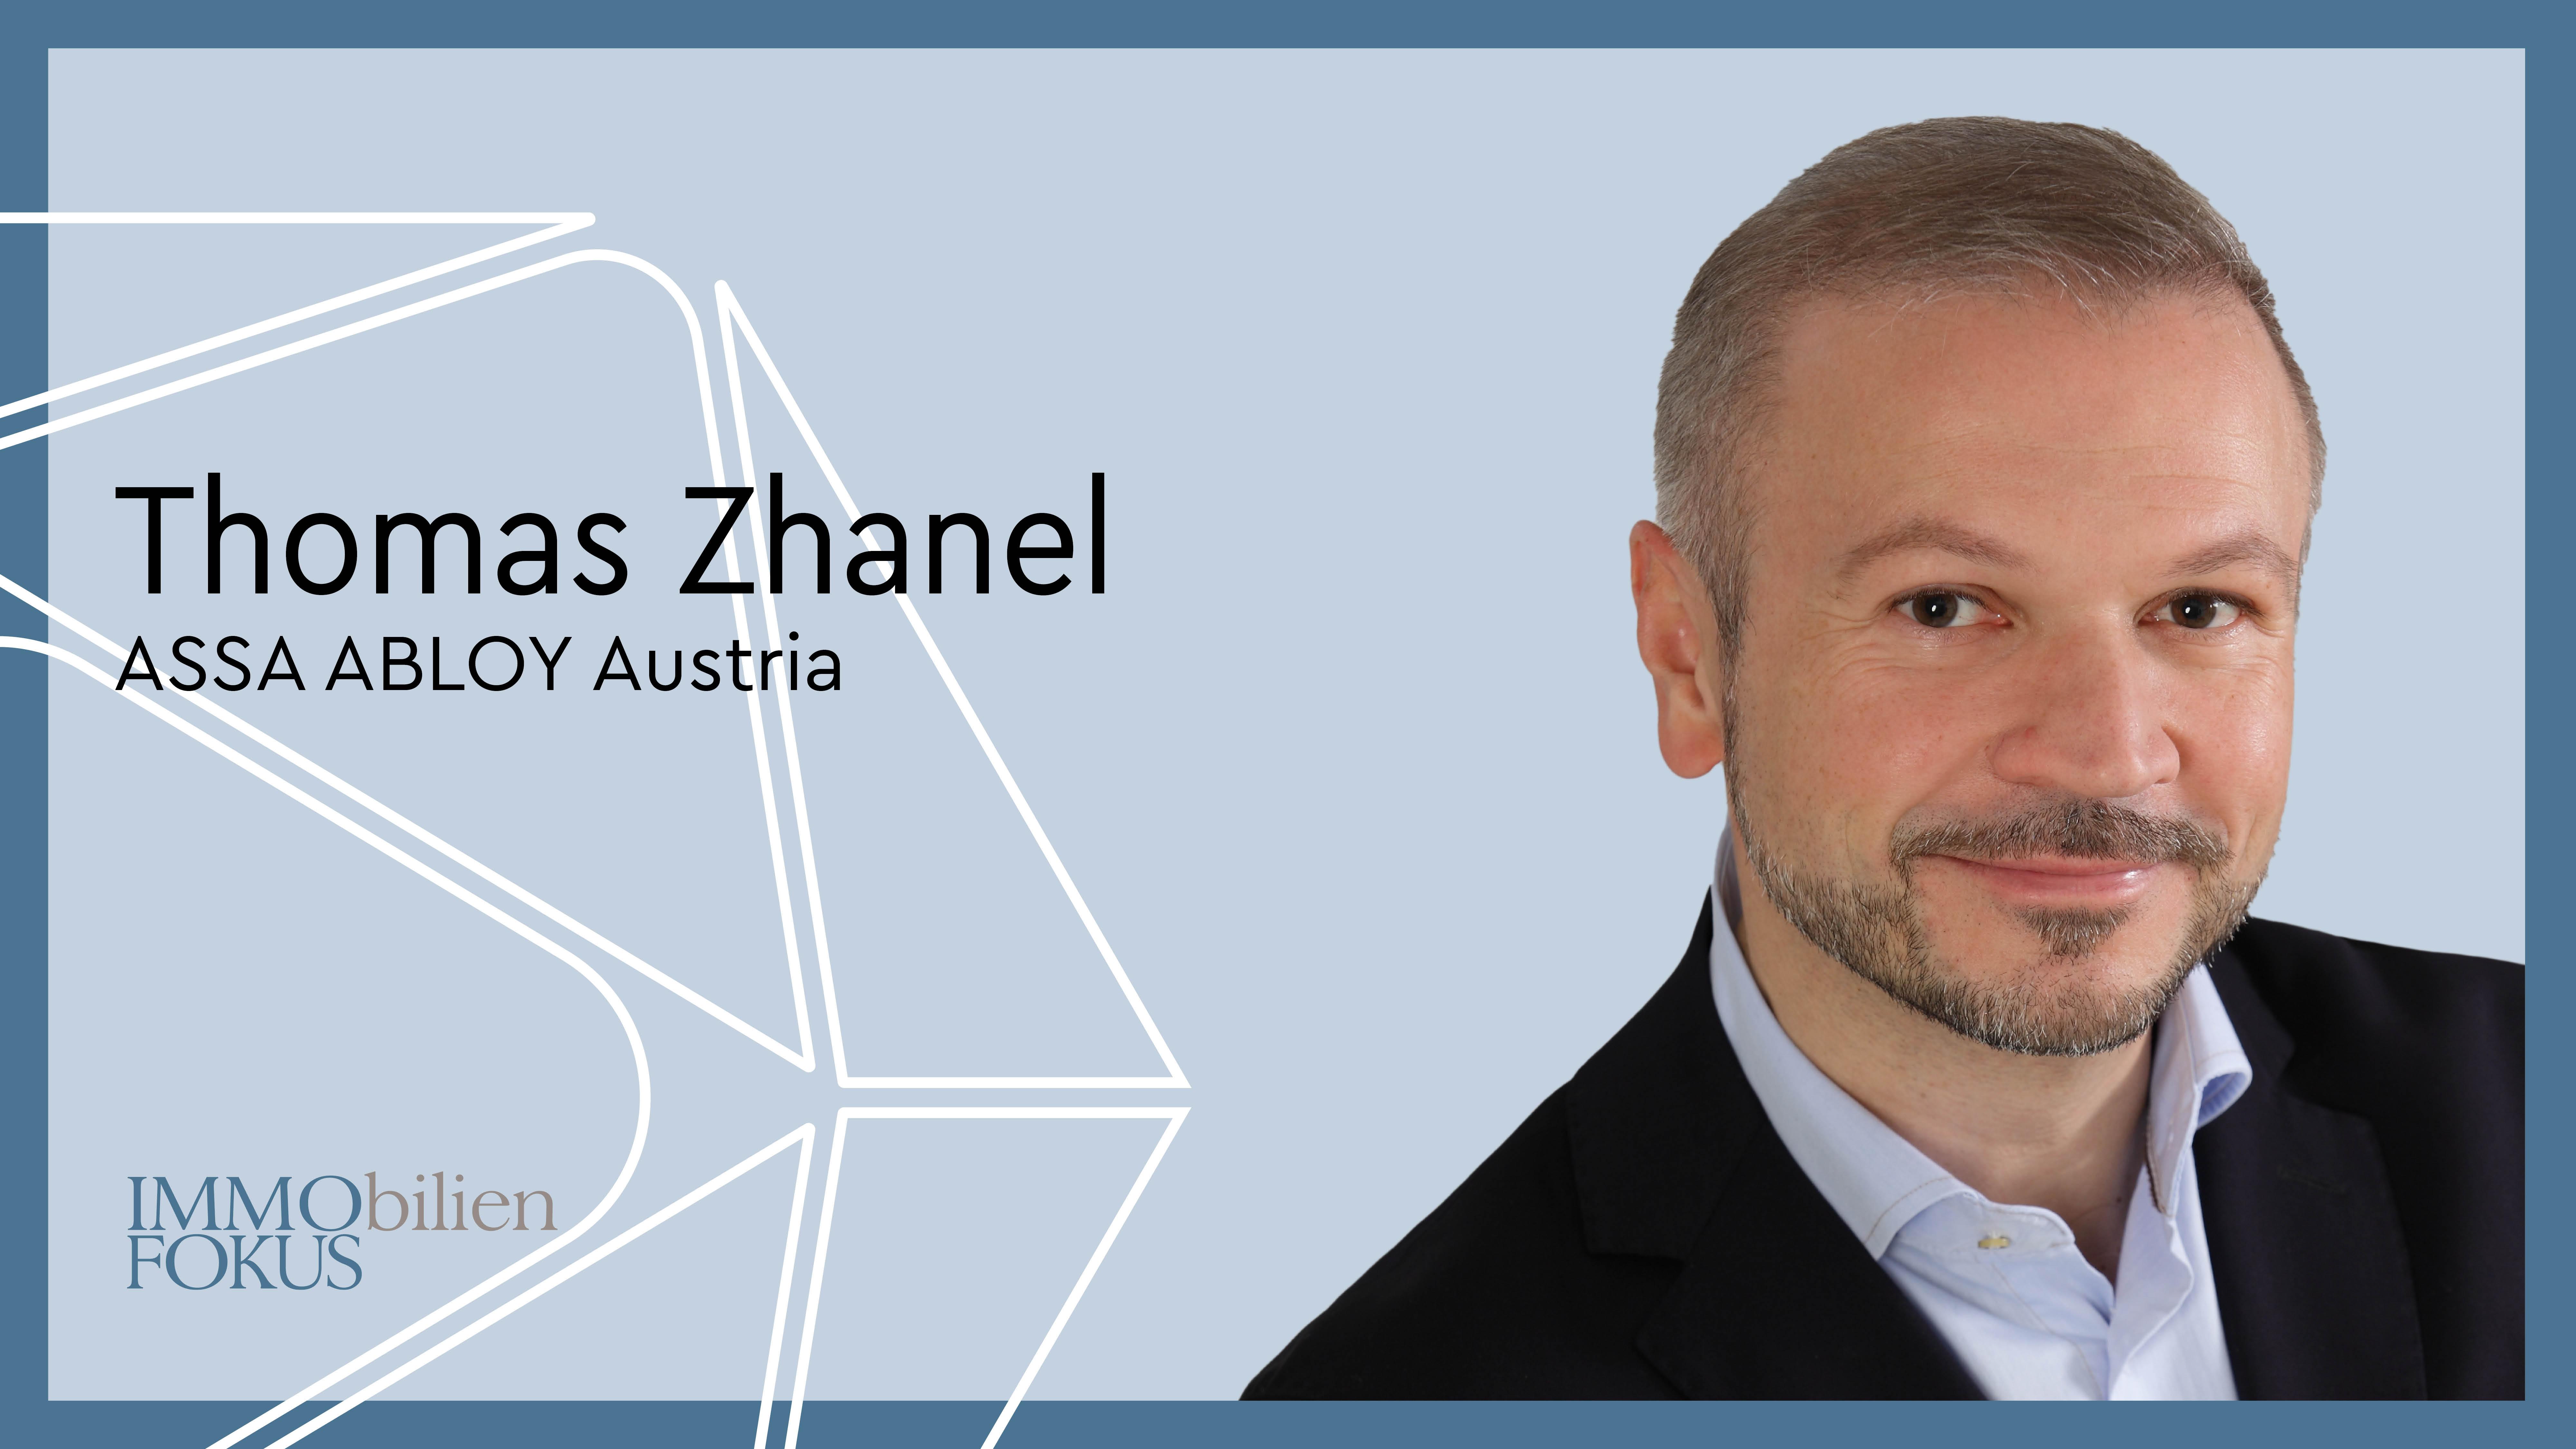 Wechsel in der Geschäftsführung bei ASSA ABLOY Austria